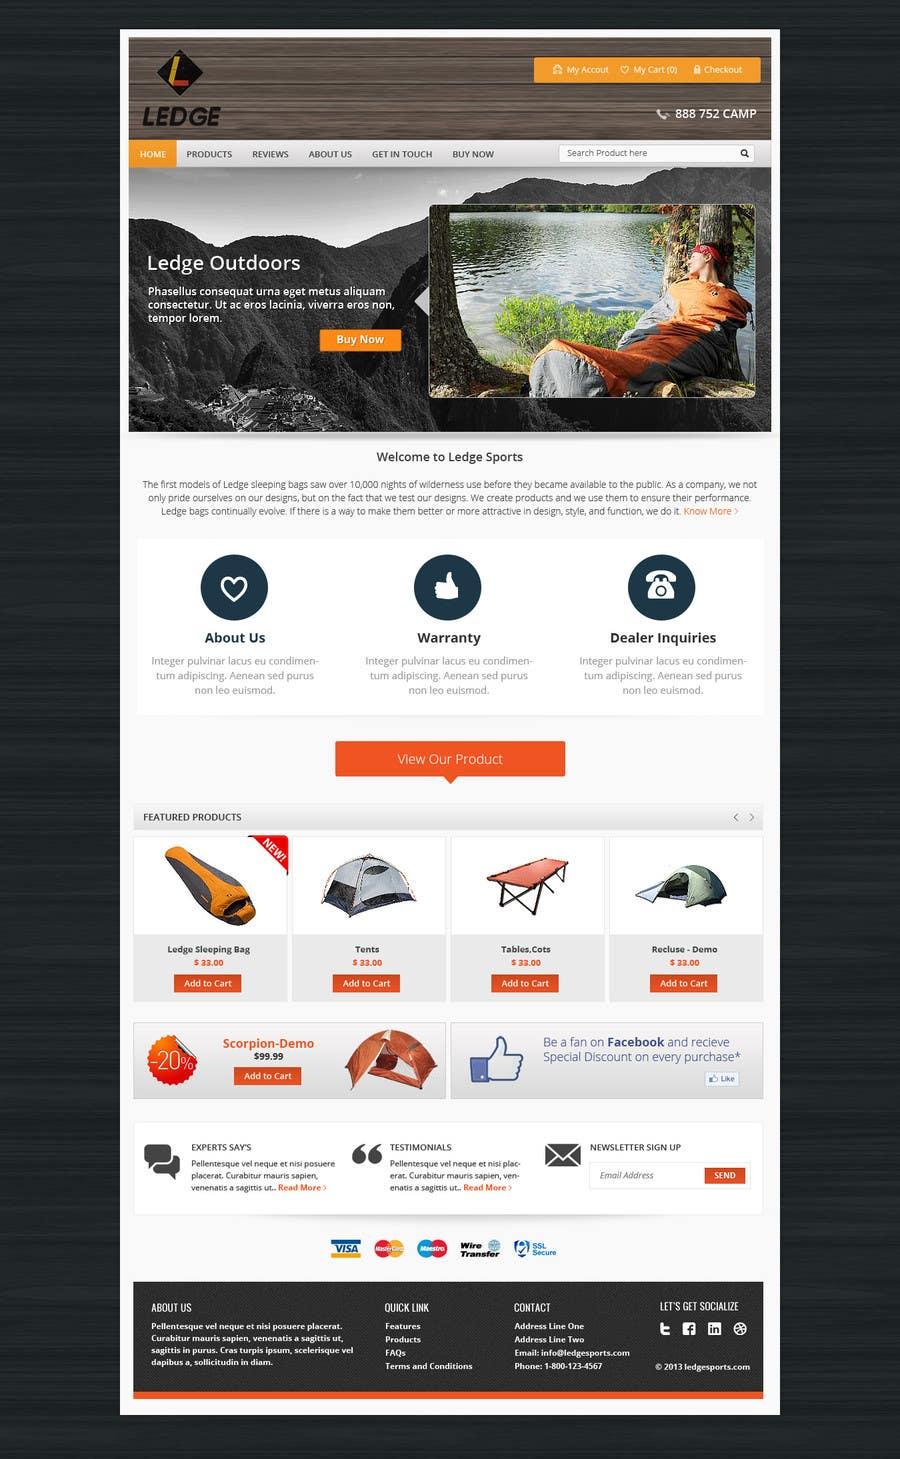 Konkurrenceindlæg #13 for Design a Website Mockup for Ledge Sports